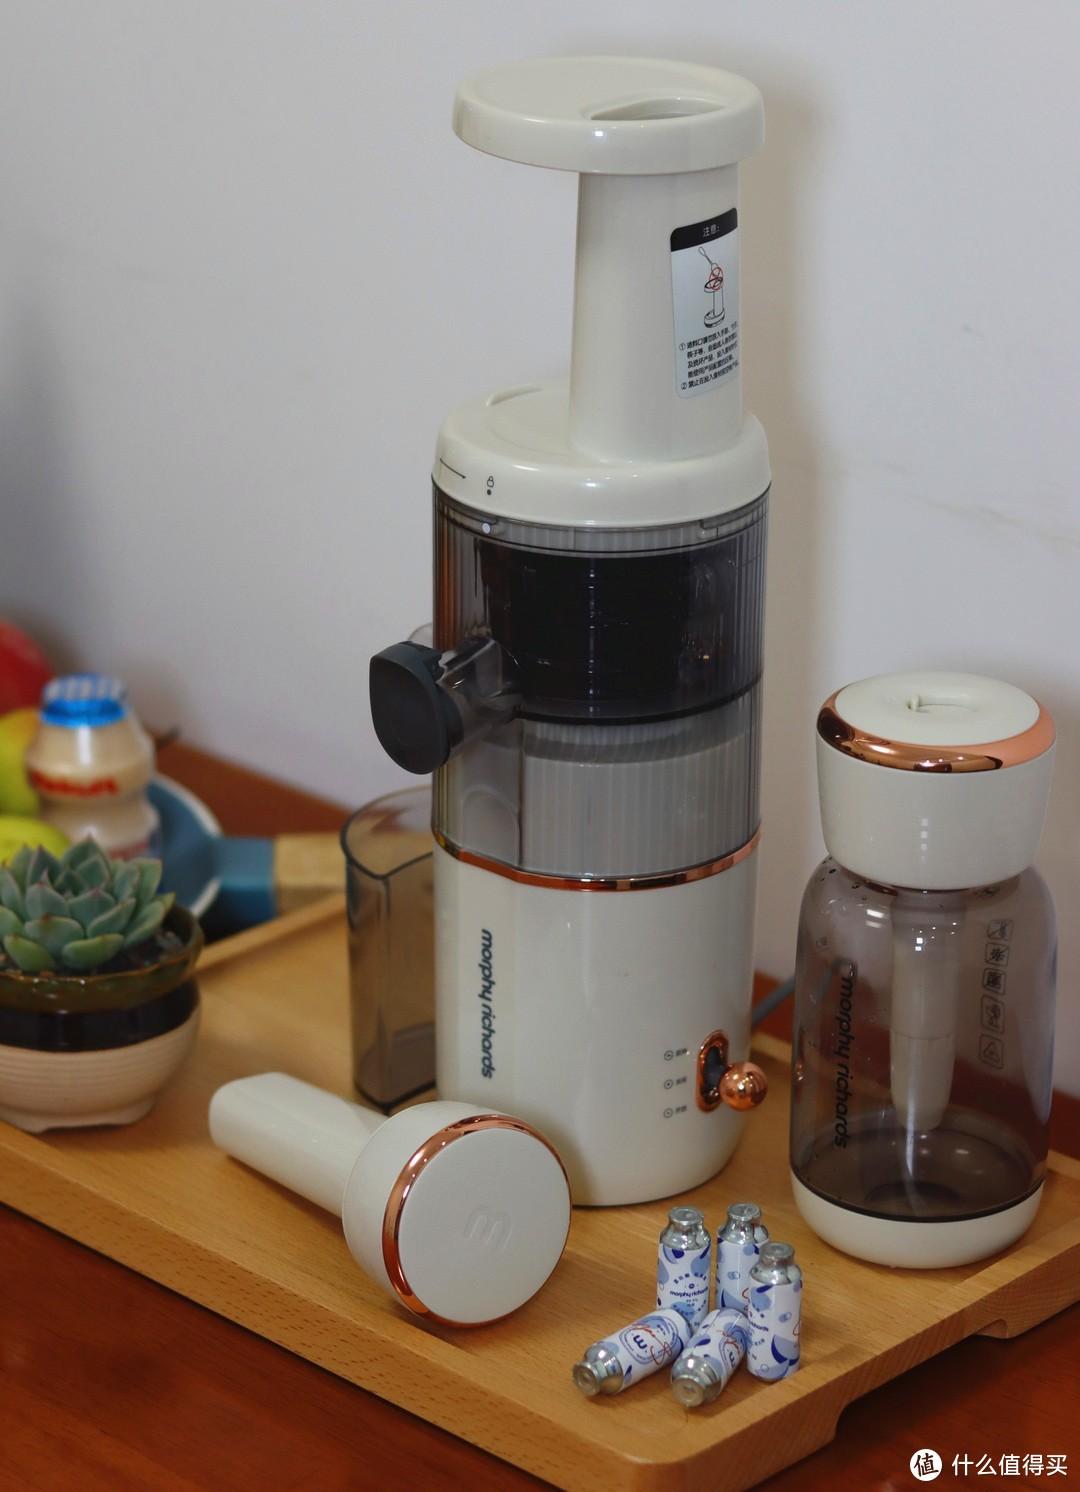 手压榨汁机、破壁机、气泡原汁机,三款设备果汁制作实录(附混合果汁制作教程)